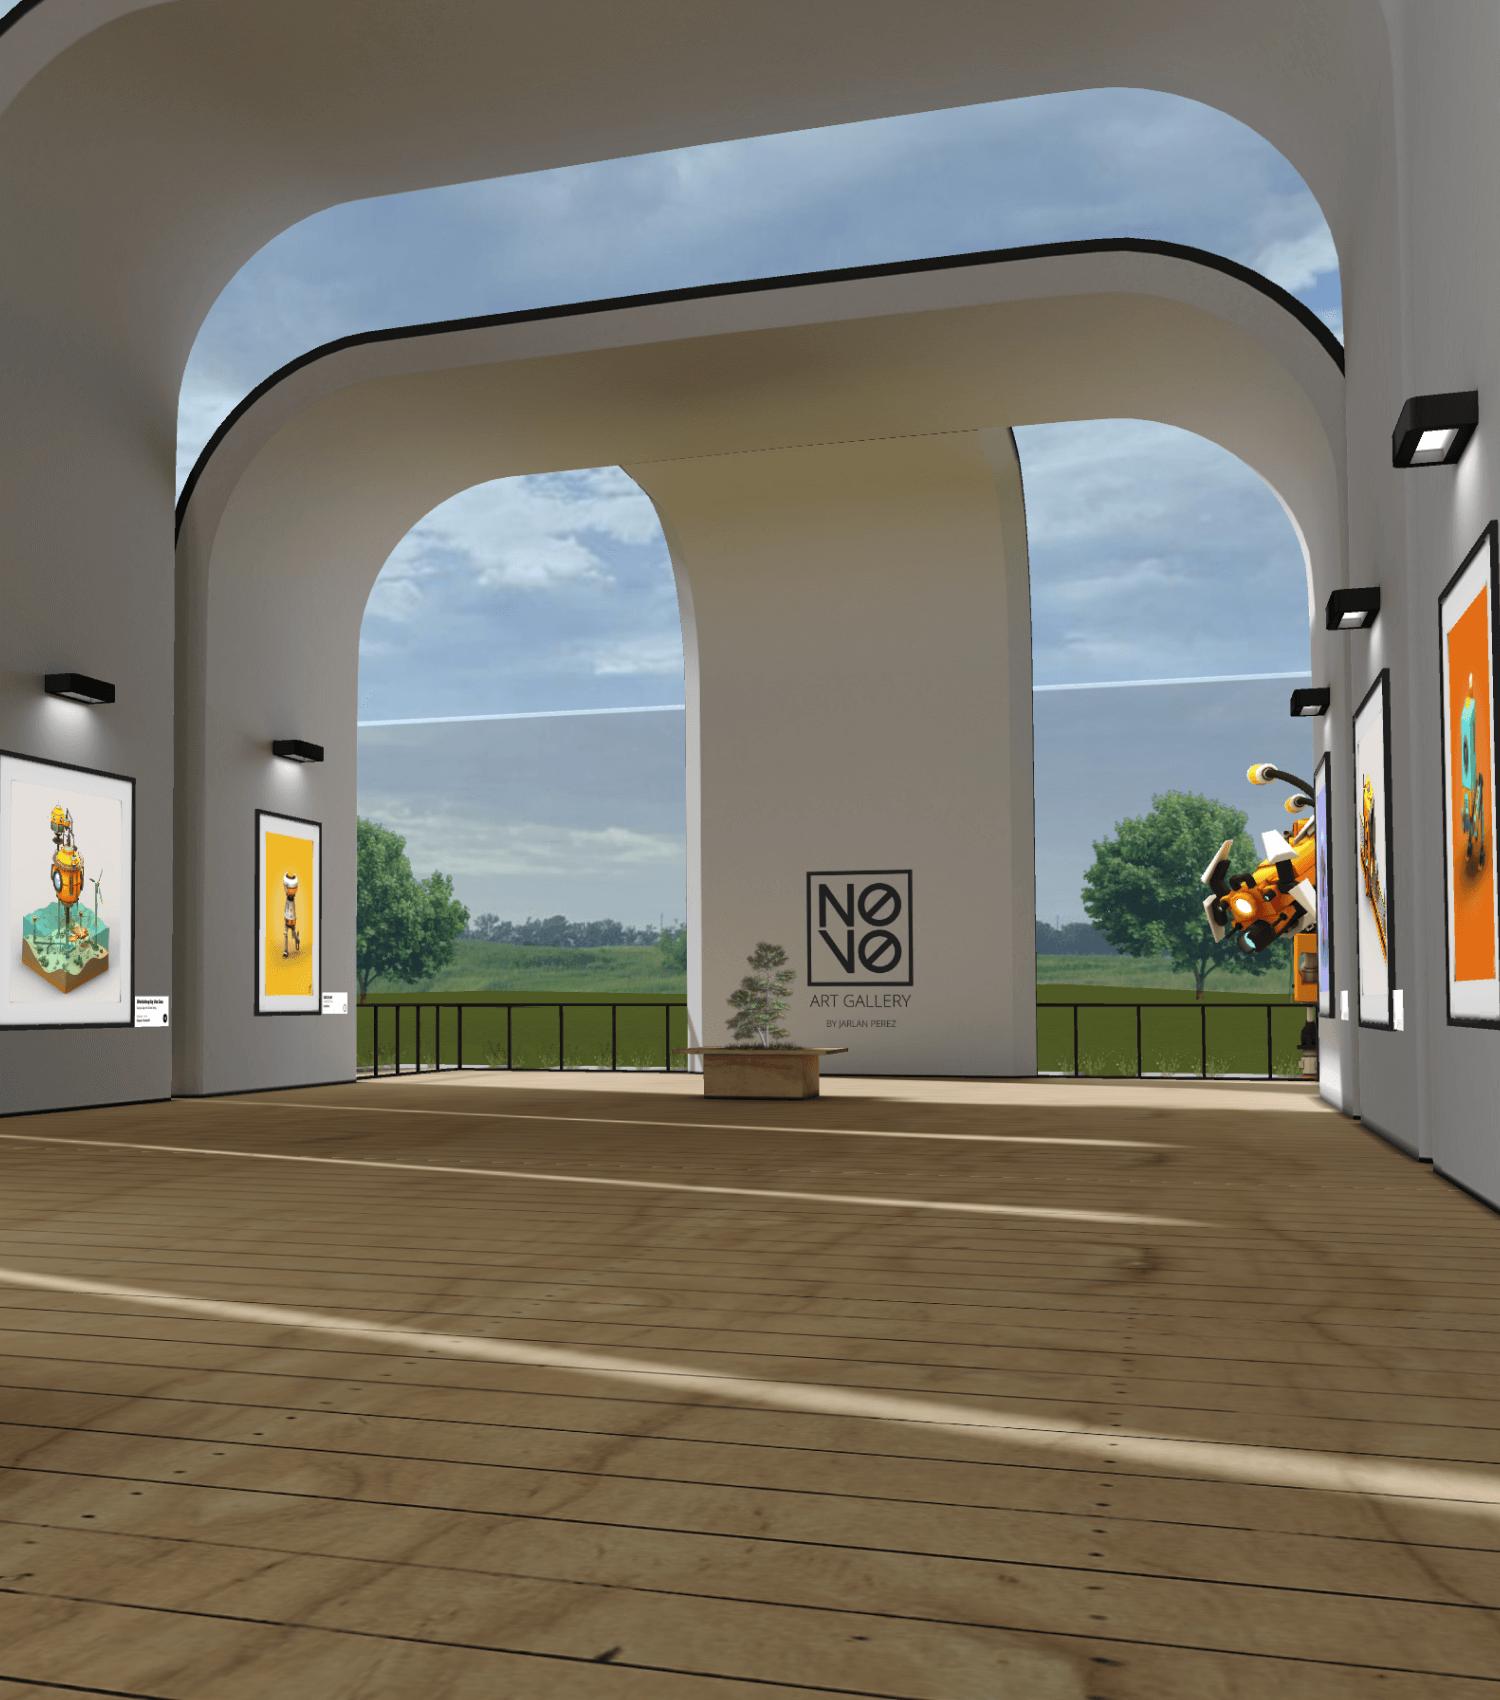 Novo Gallery in Spatial